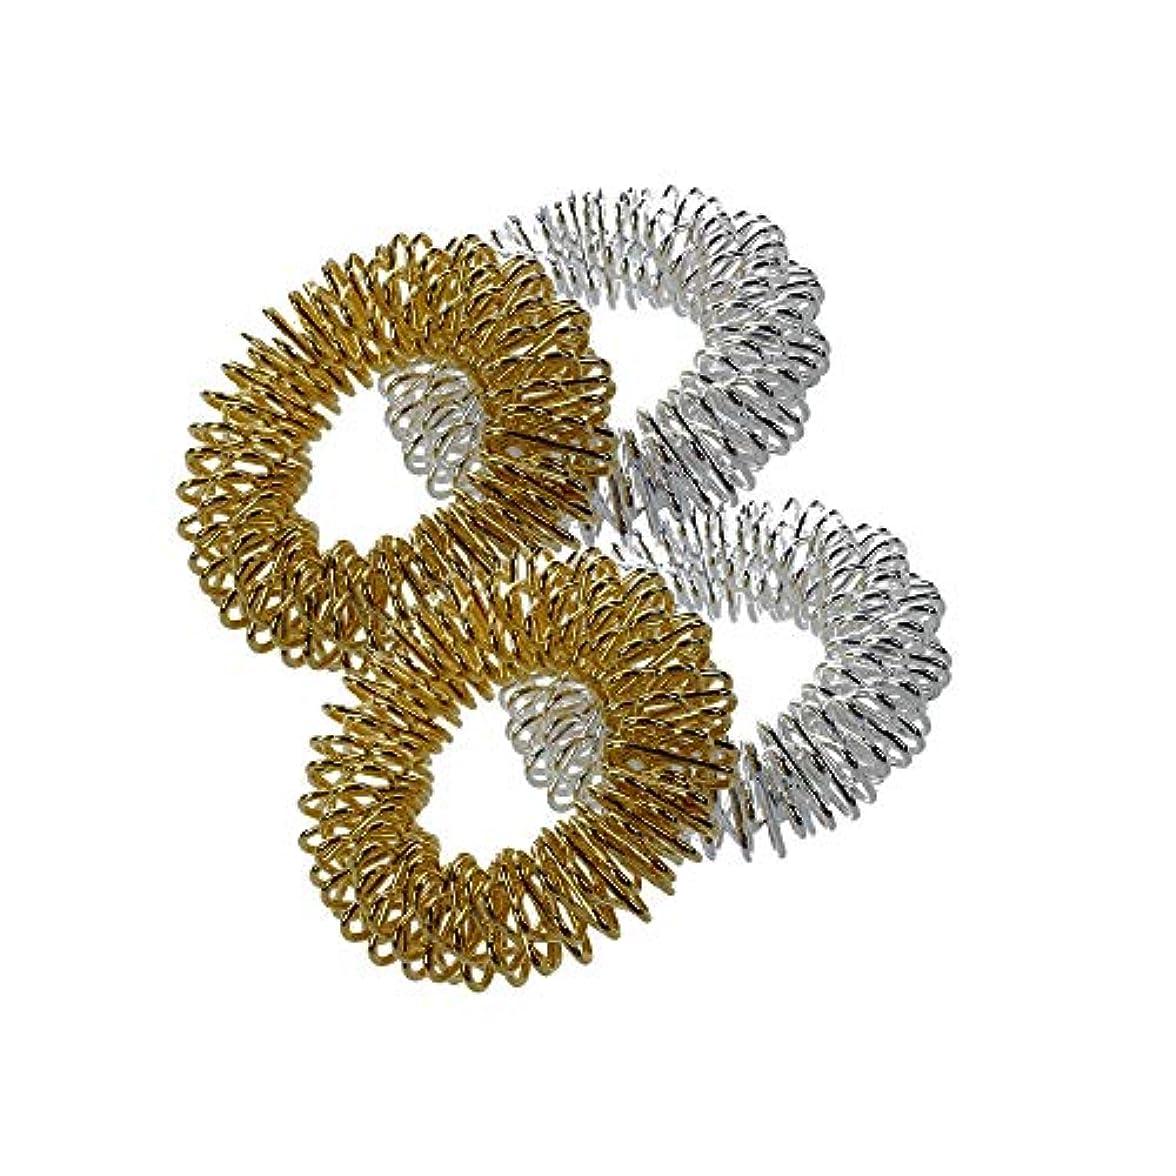 磁石悲しみ定数1st?market 指圧マッサージリング - 4本薬指圧マッサージリングシルバー+ゴールデン高品質